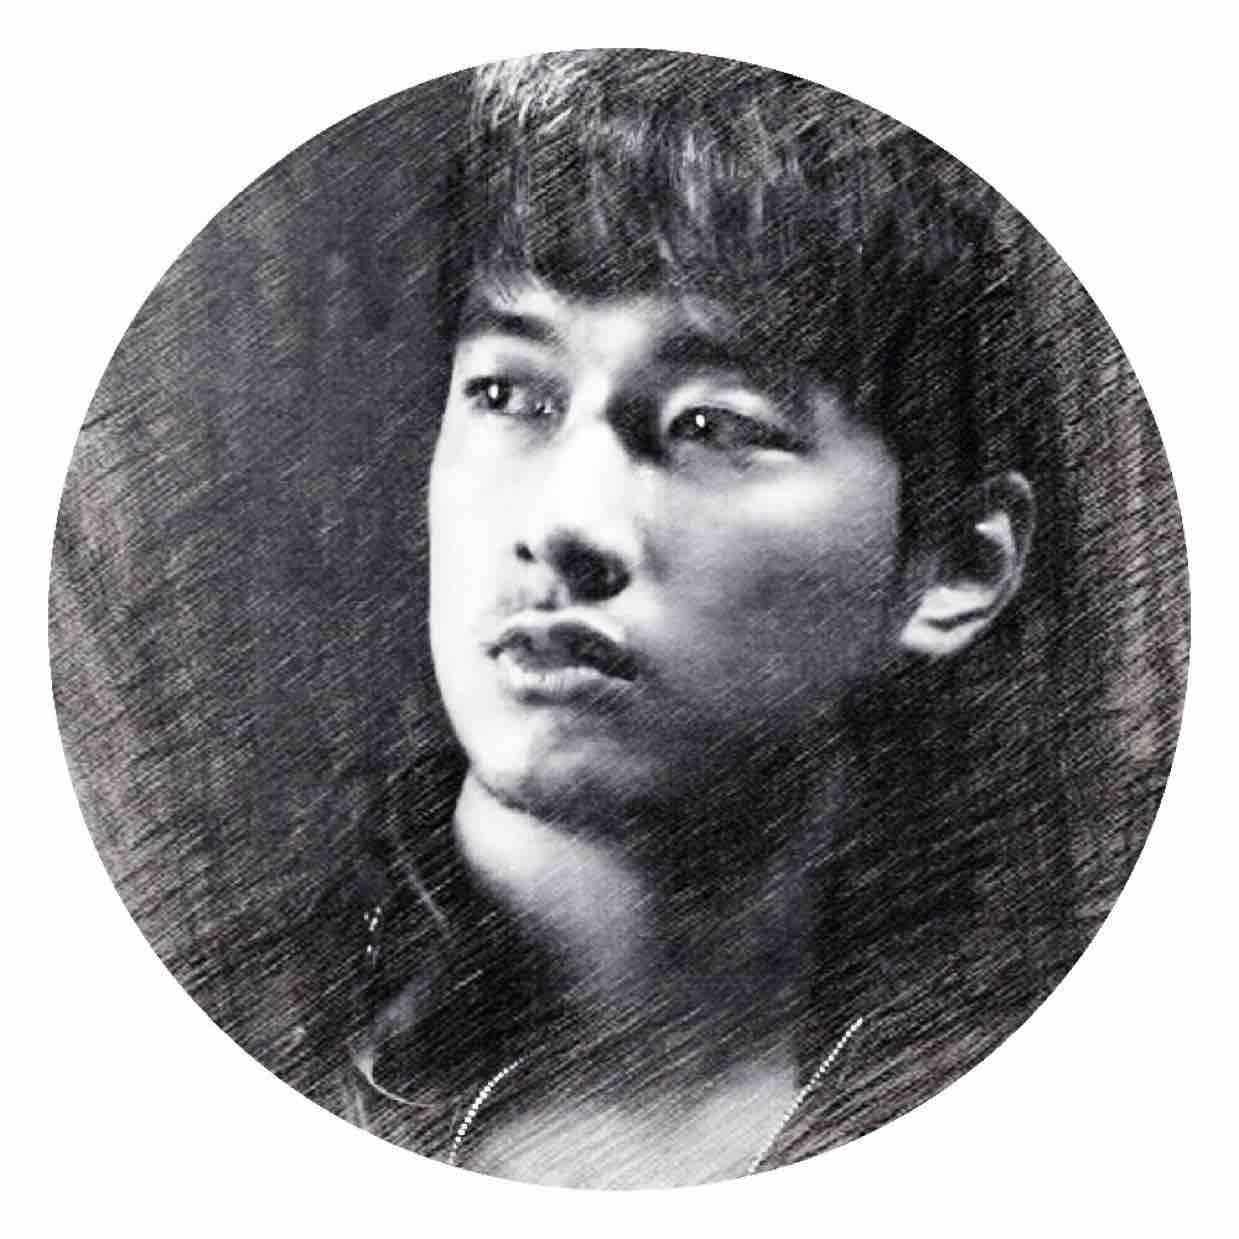 鲁轩美术—姚奇